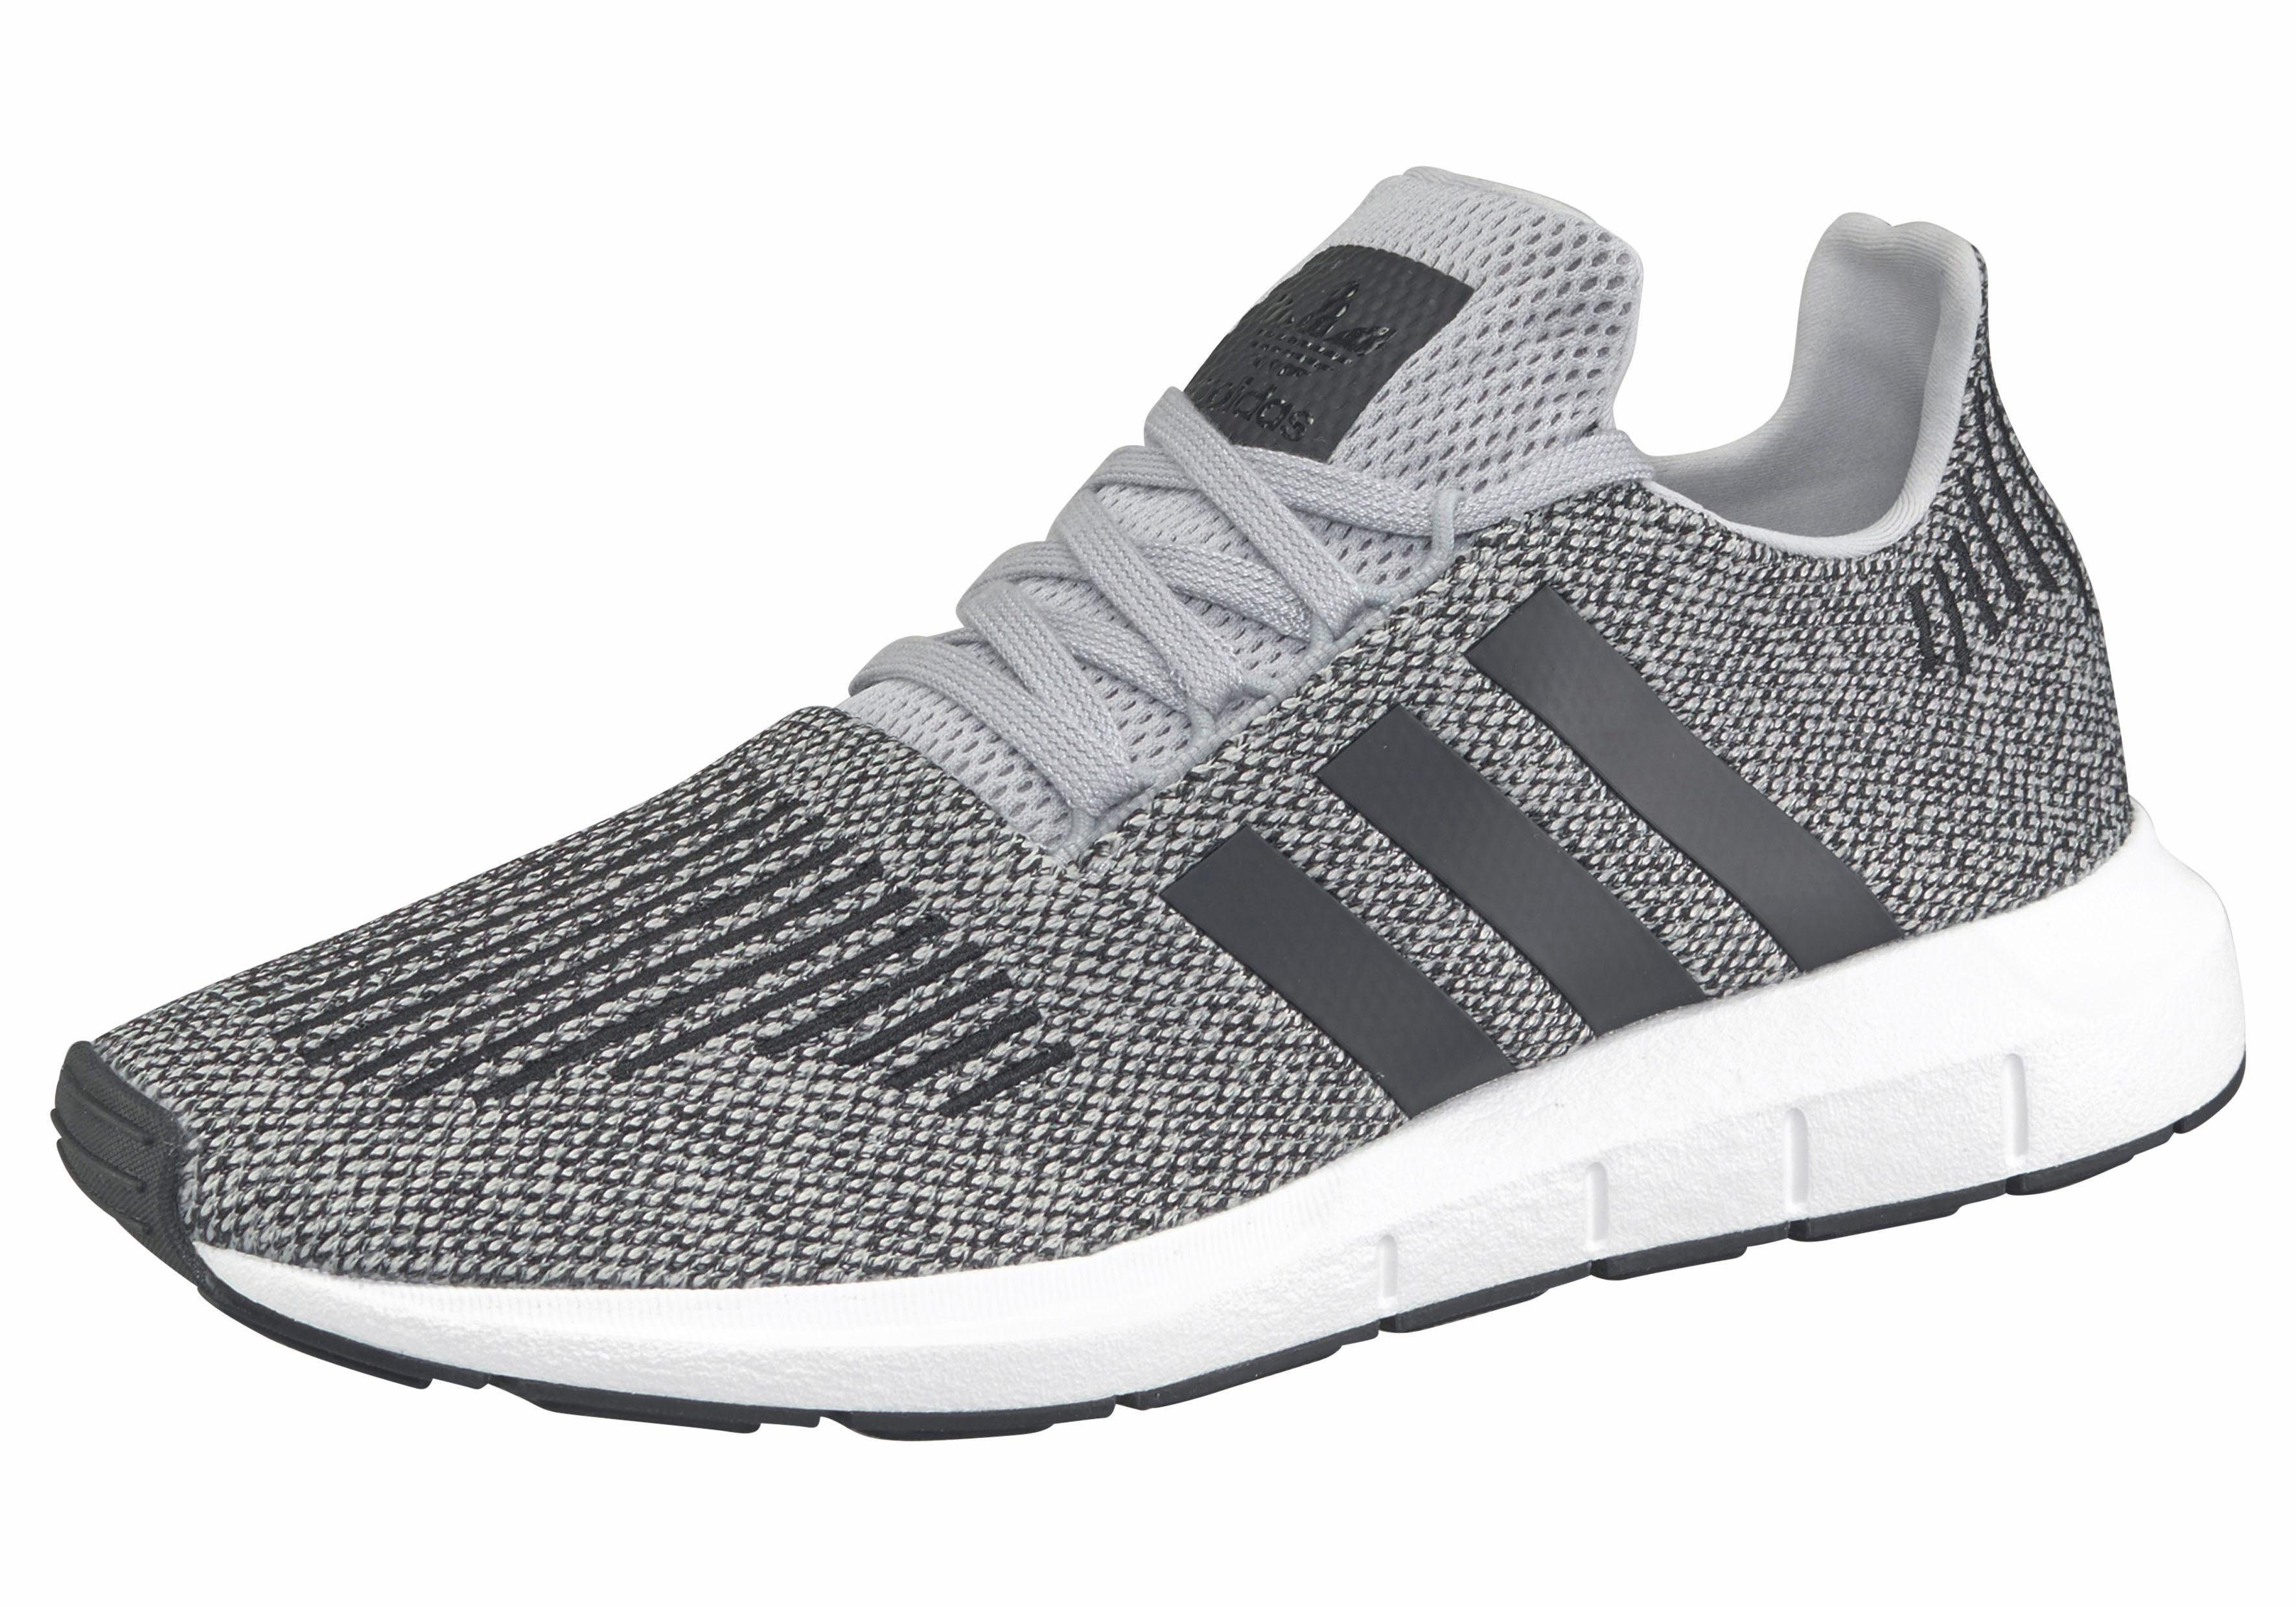 adidas Originals »Swift Run« Sneaker, Modischer Sneaker von adidas online kaufen | OTTO